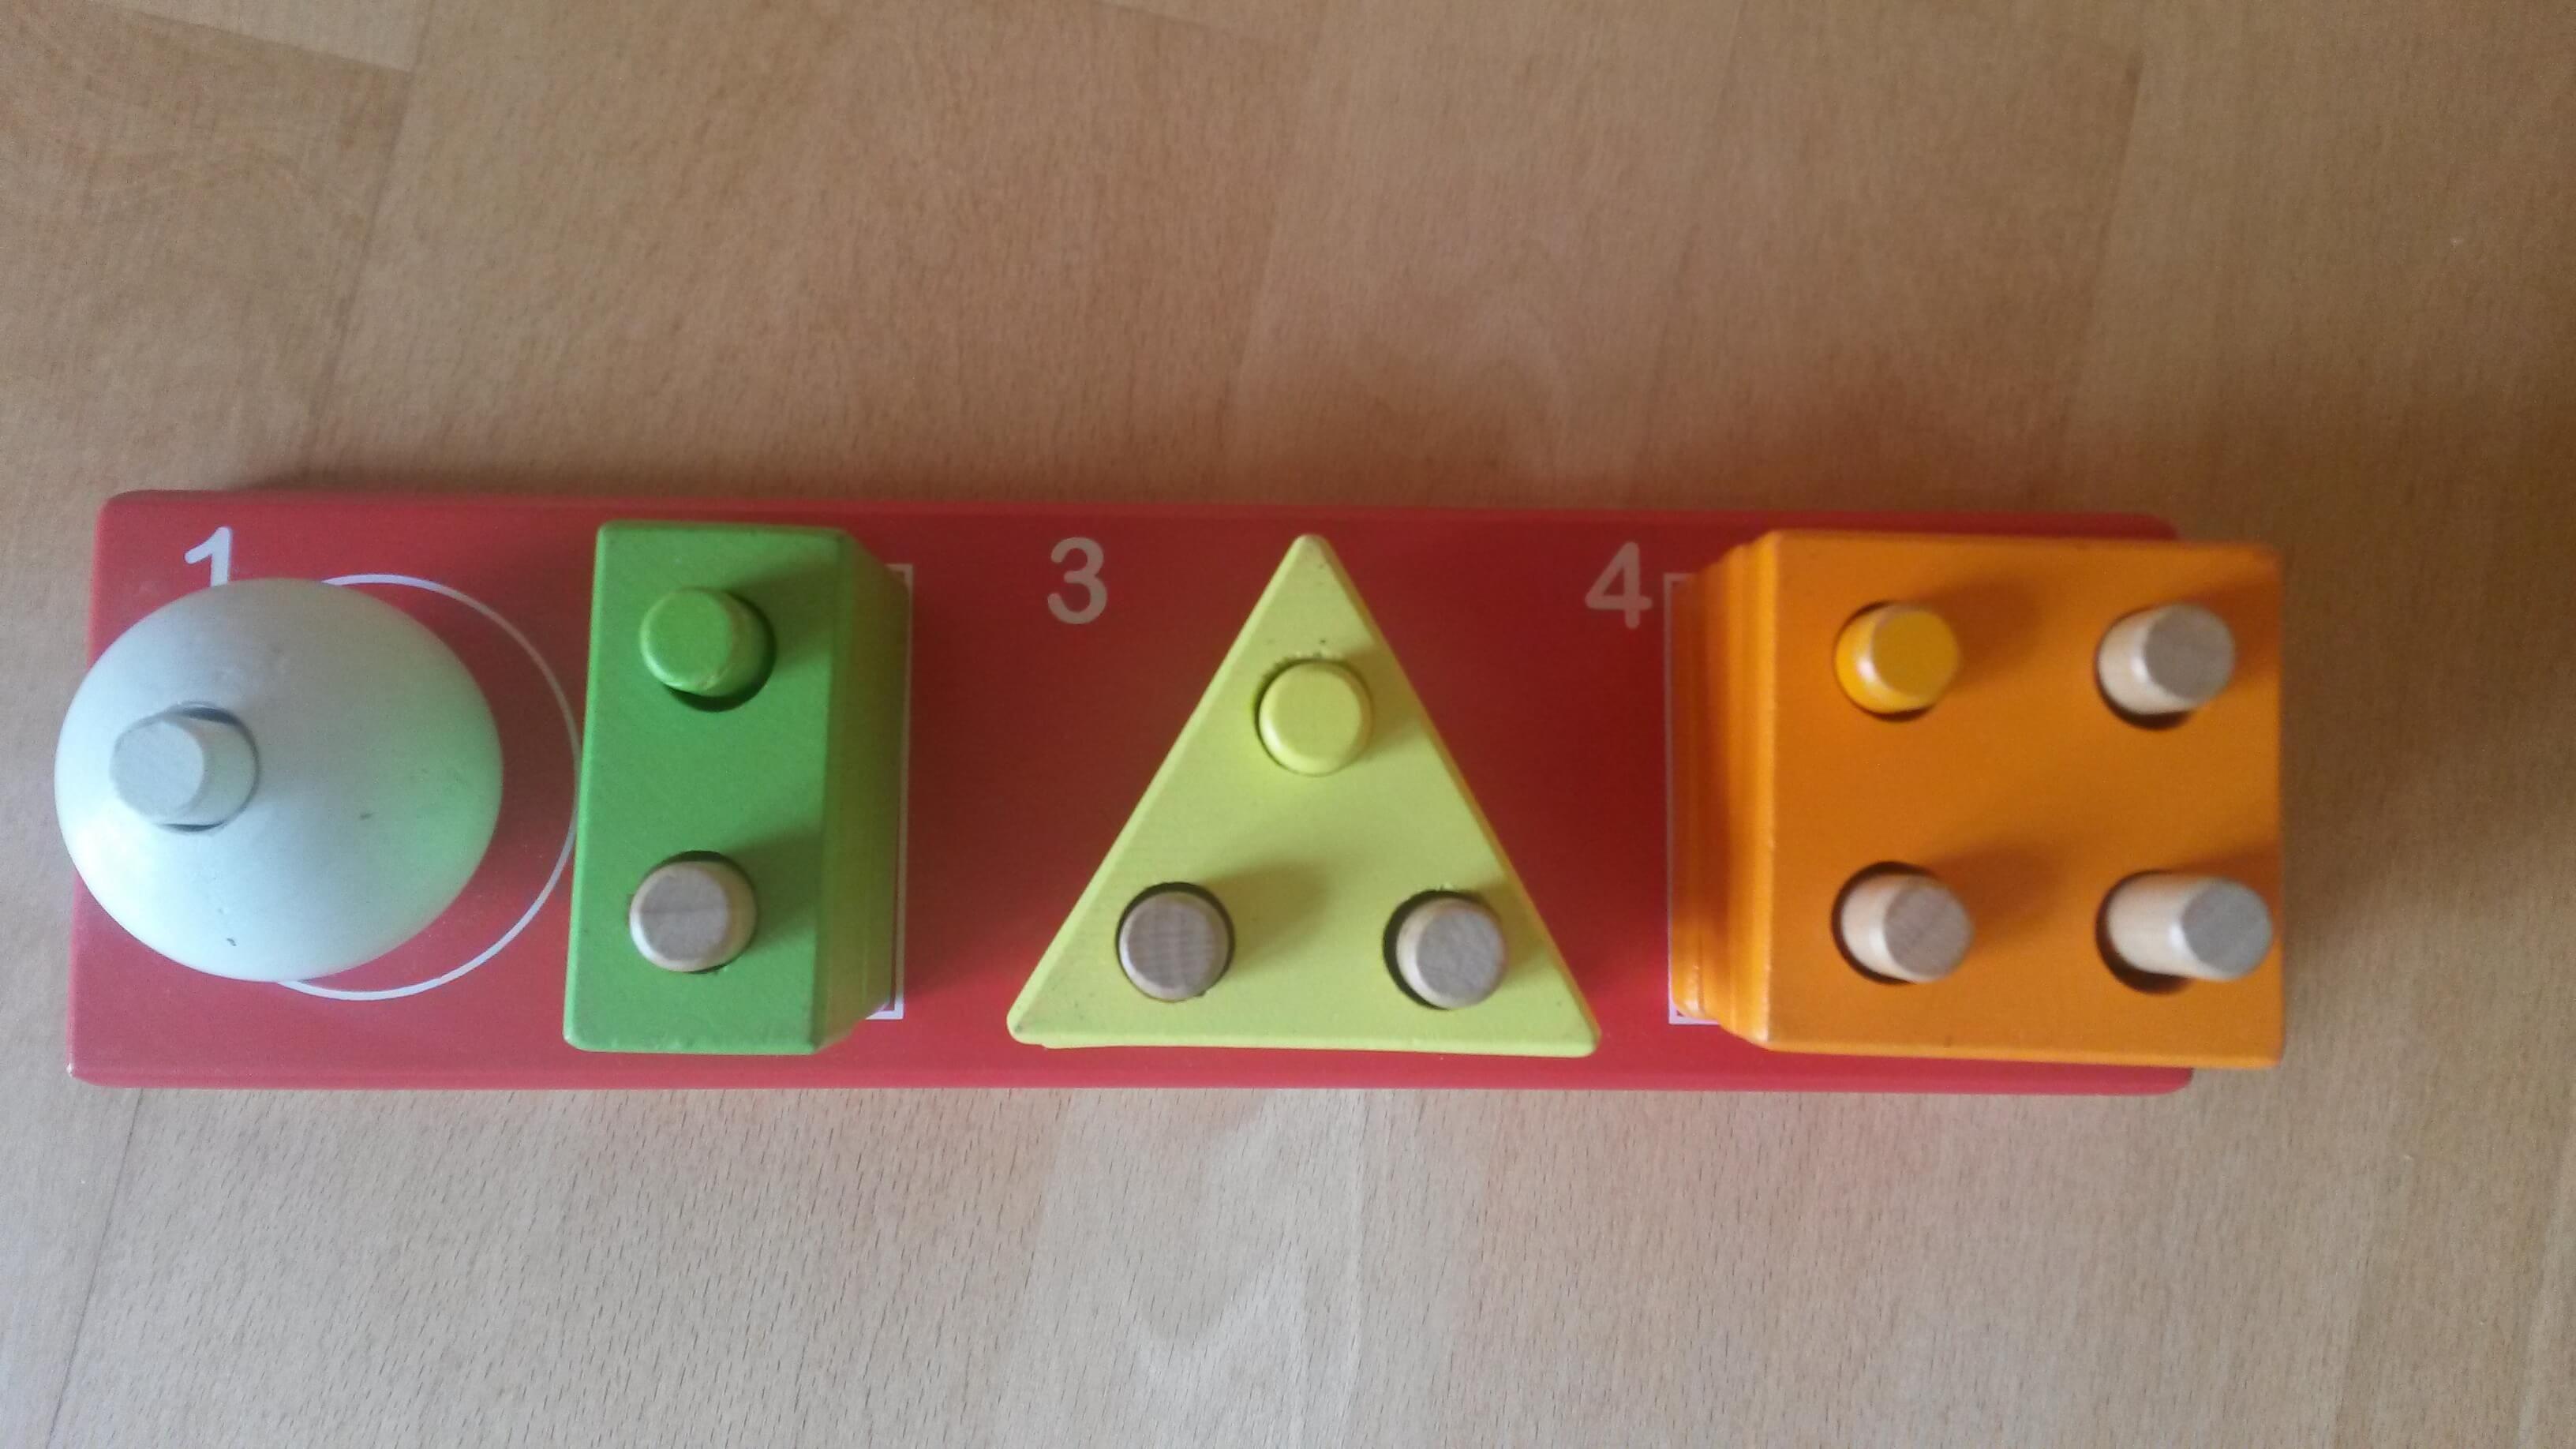 Juego estimulación de formas y números (0 a 2 años): Juego estimulación de formas y números. Causa beneficiada: Educación para niños con discapacidad en Bolivia